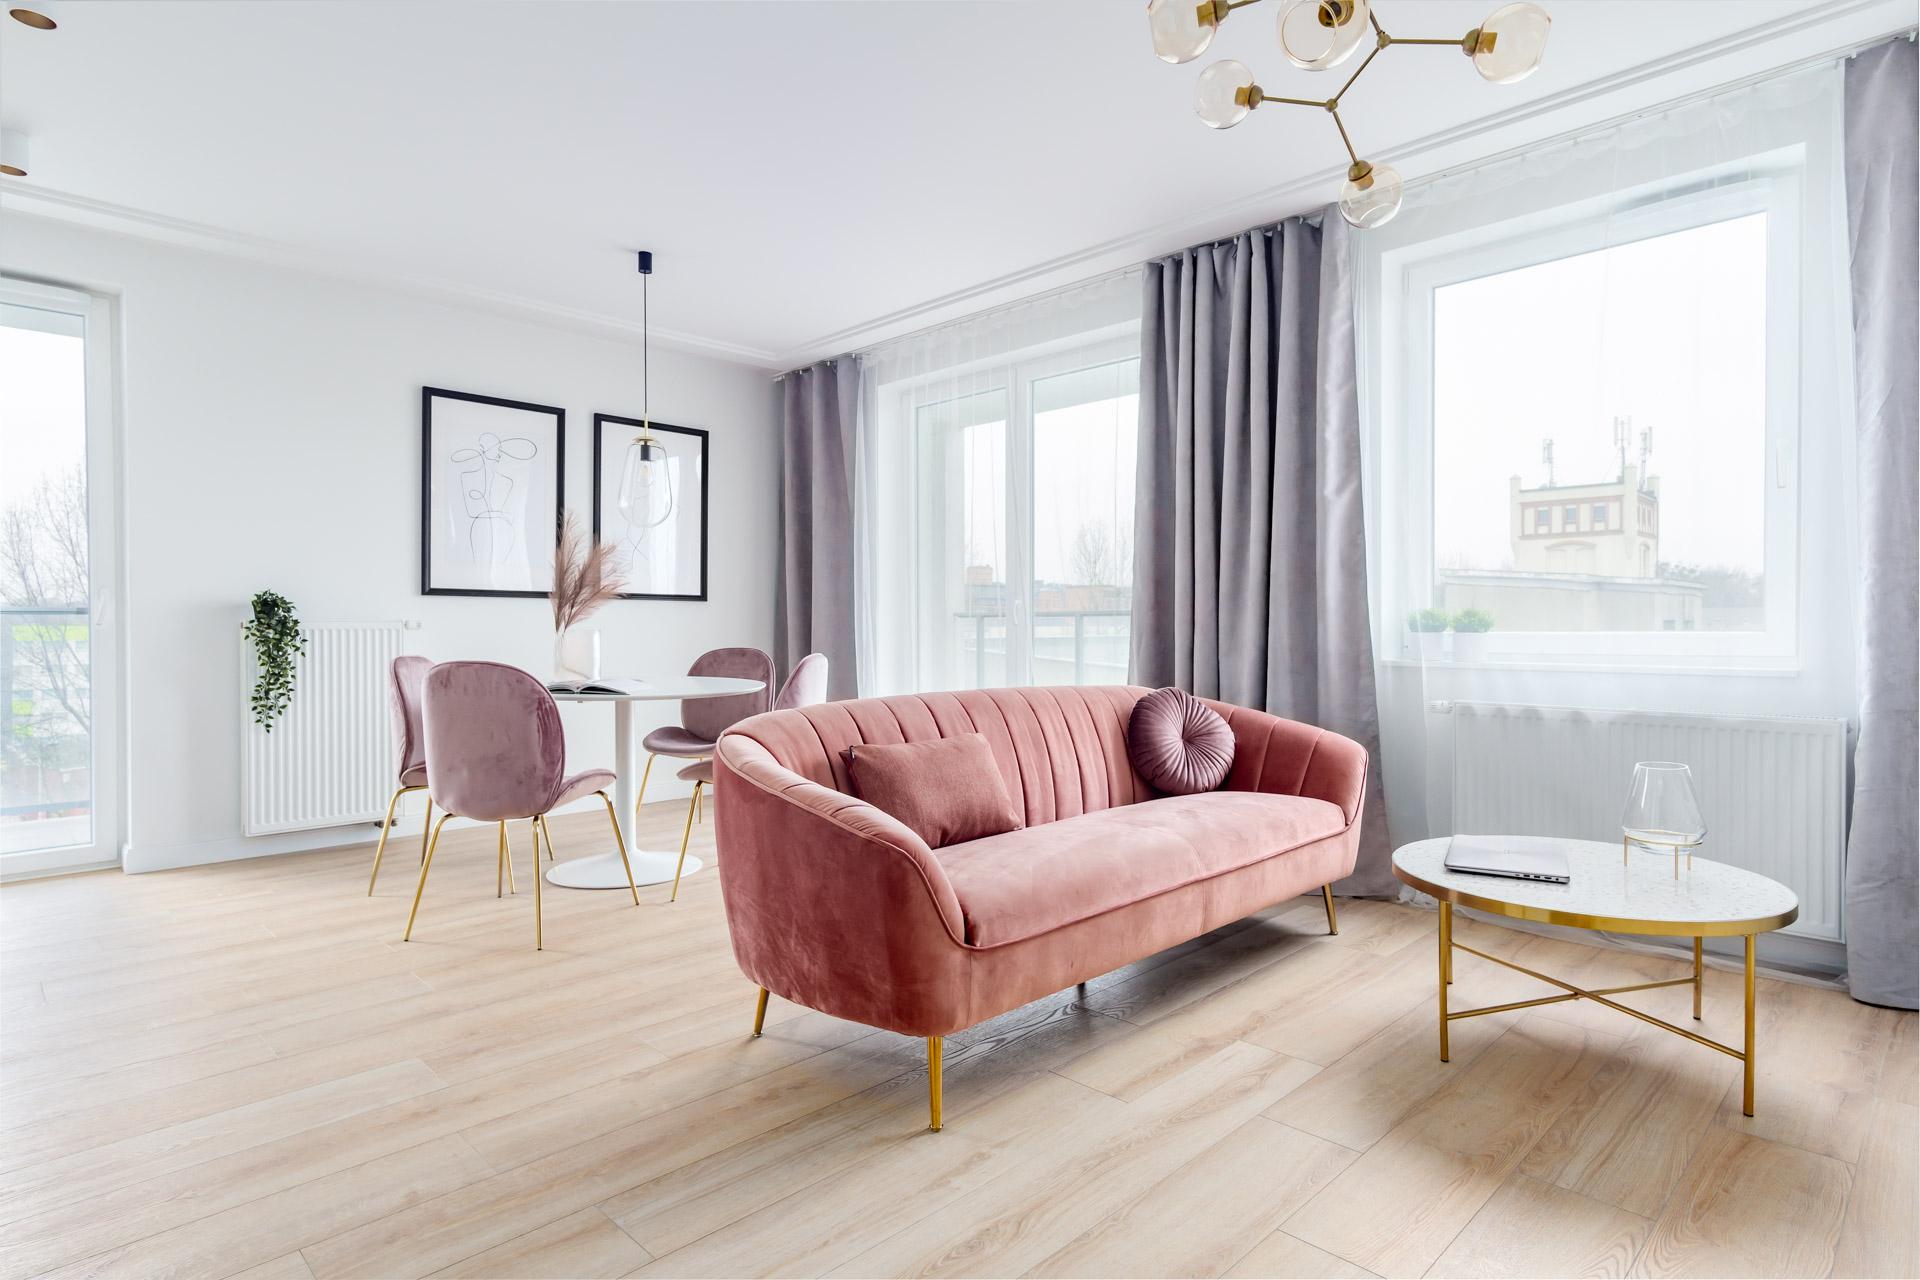 Projektowanie wnętrz - mieszkanie 3 pokoje